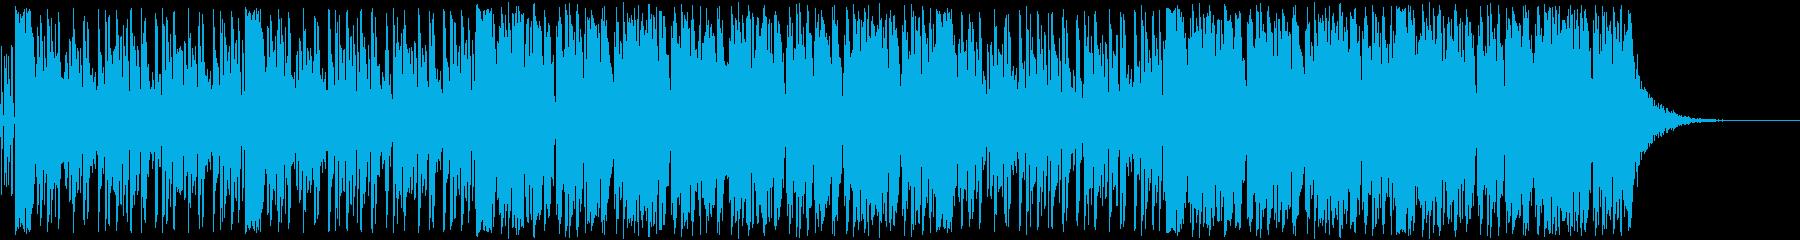 緊張感あるストリングスのカフェサウンドの再生済みの波形